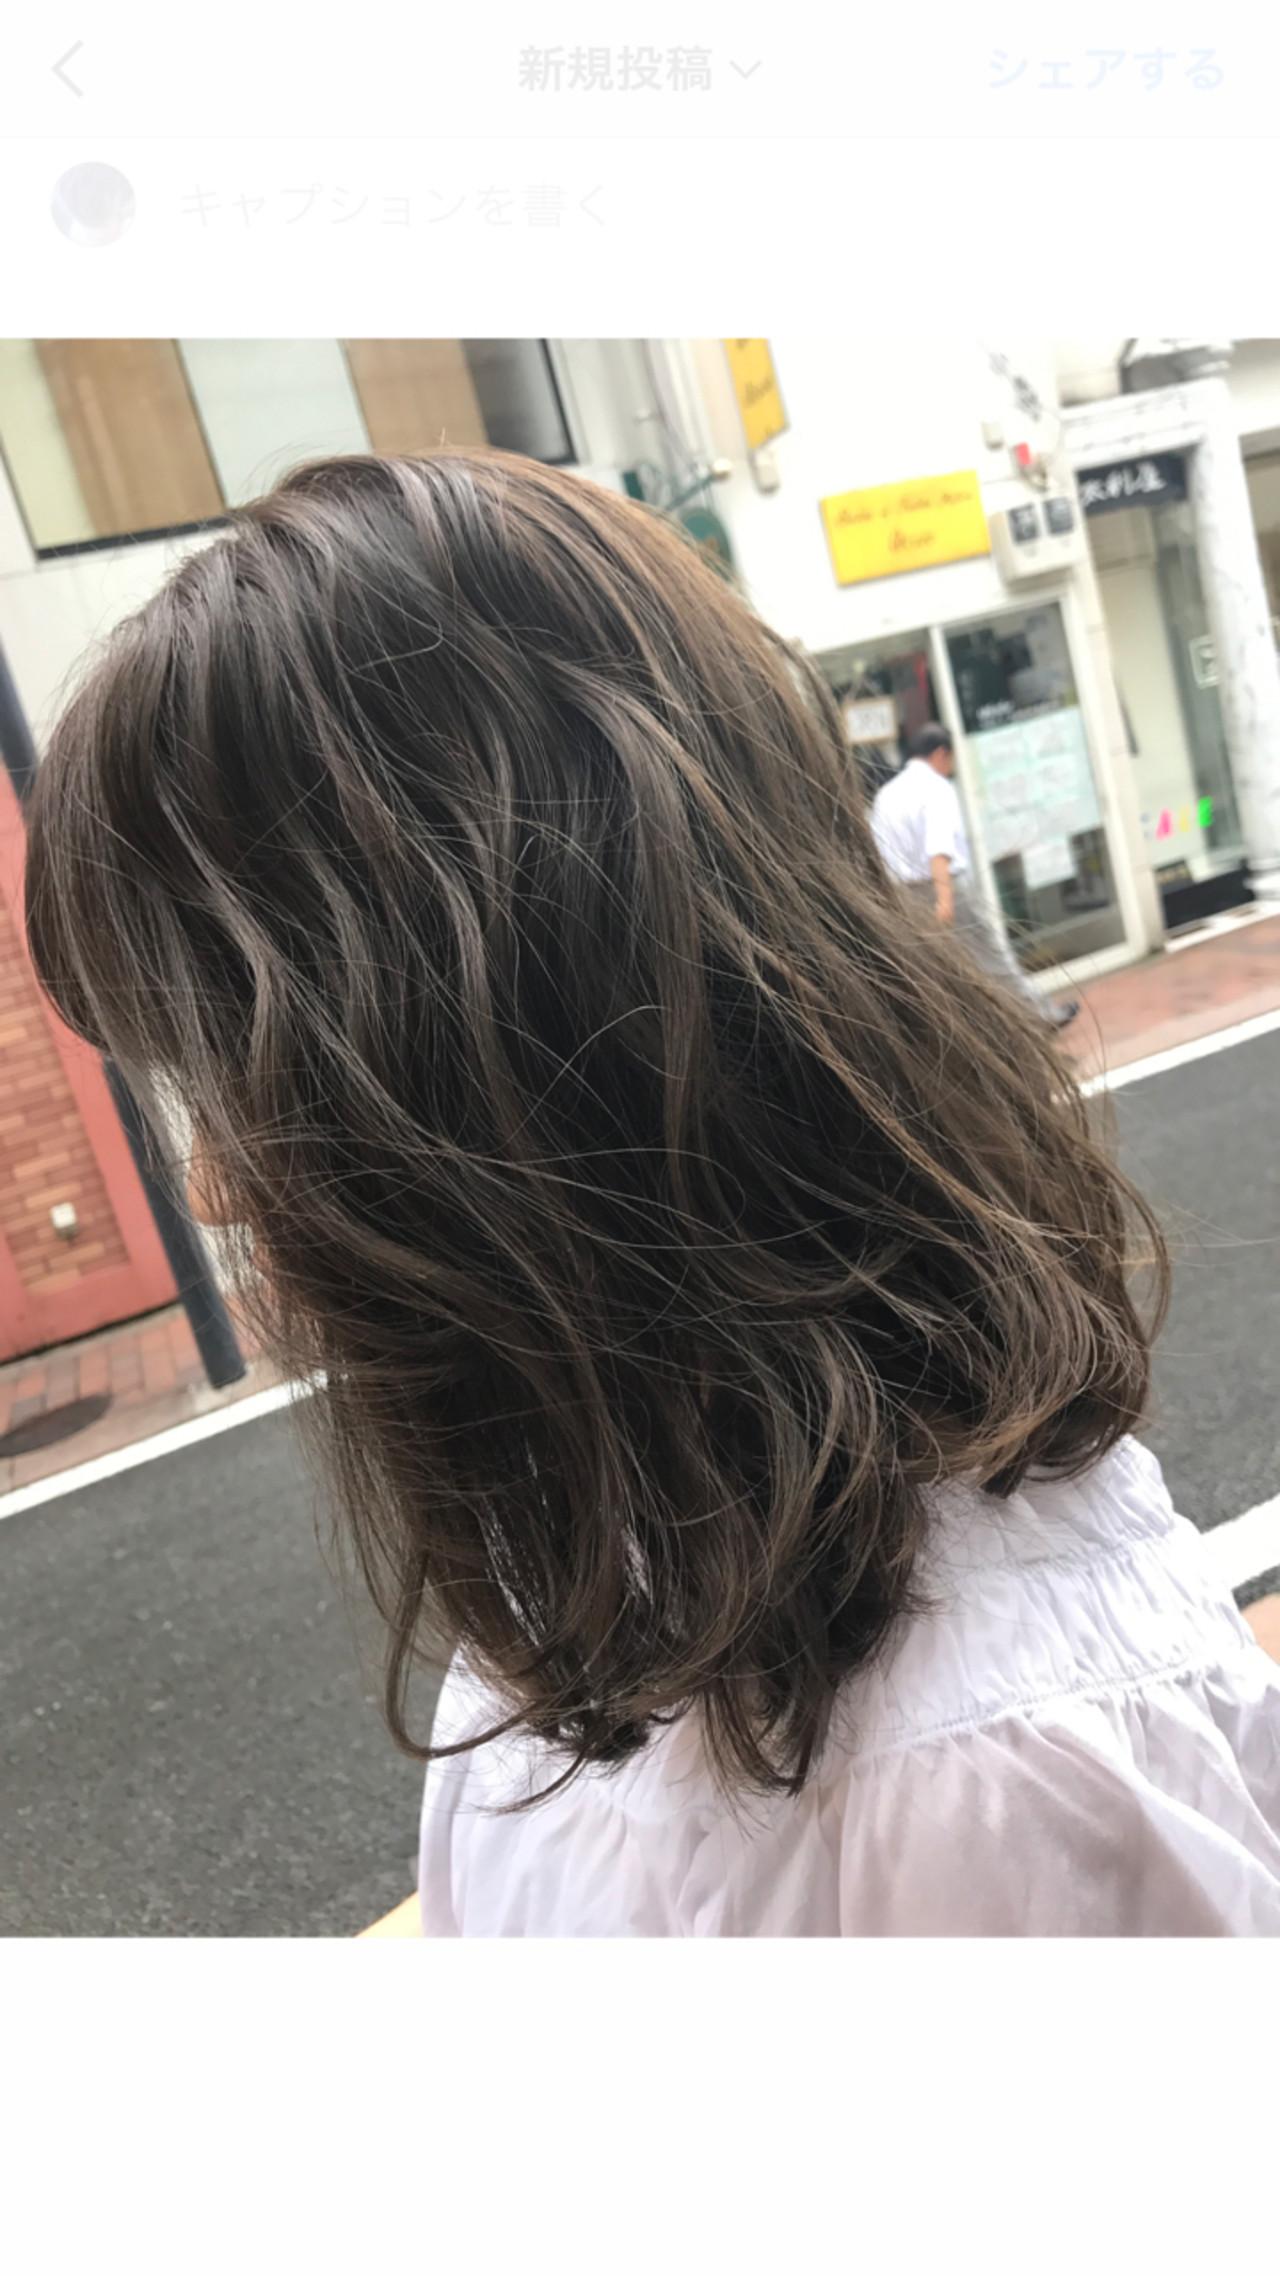 ミディアム ハイライト グレージュ ナチュラル ヘアスタイルや髪型の写真・画像 | 桝田 由佳 / vicus hair